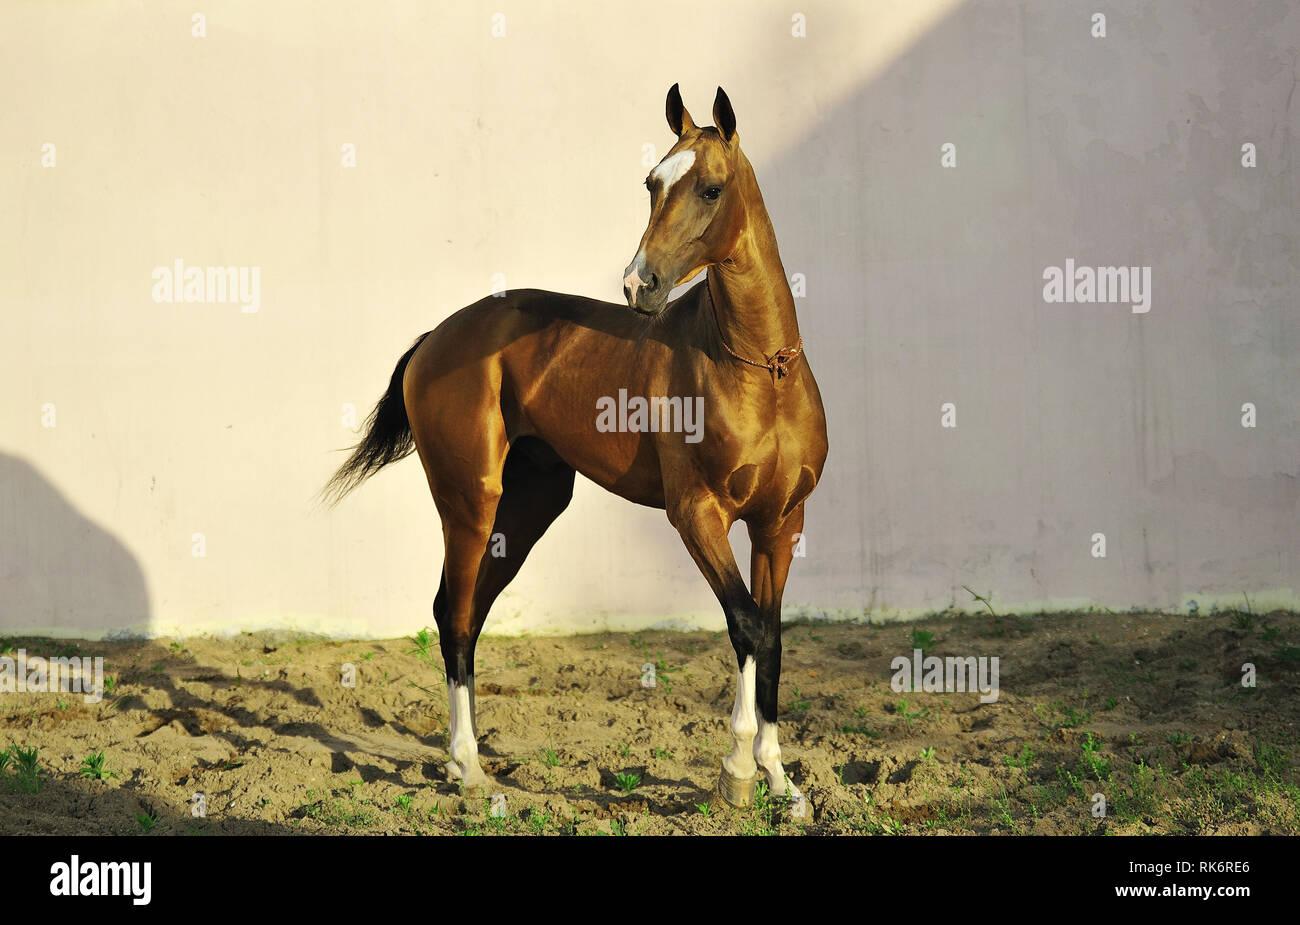 Golden Akhal-Teke stallone si erge nel mezzo del paddock guardando a sinistra. La foto in orizzontale, tre quarti,sfondo bianco. Immagini Stock